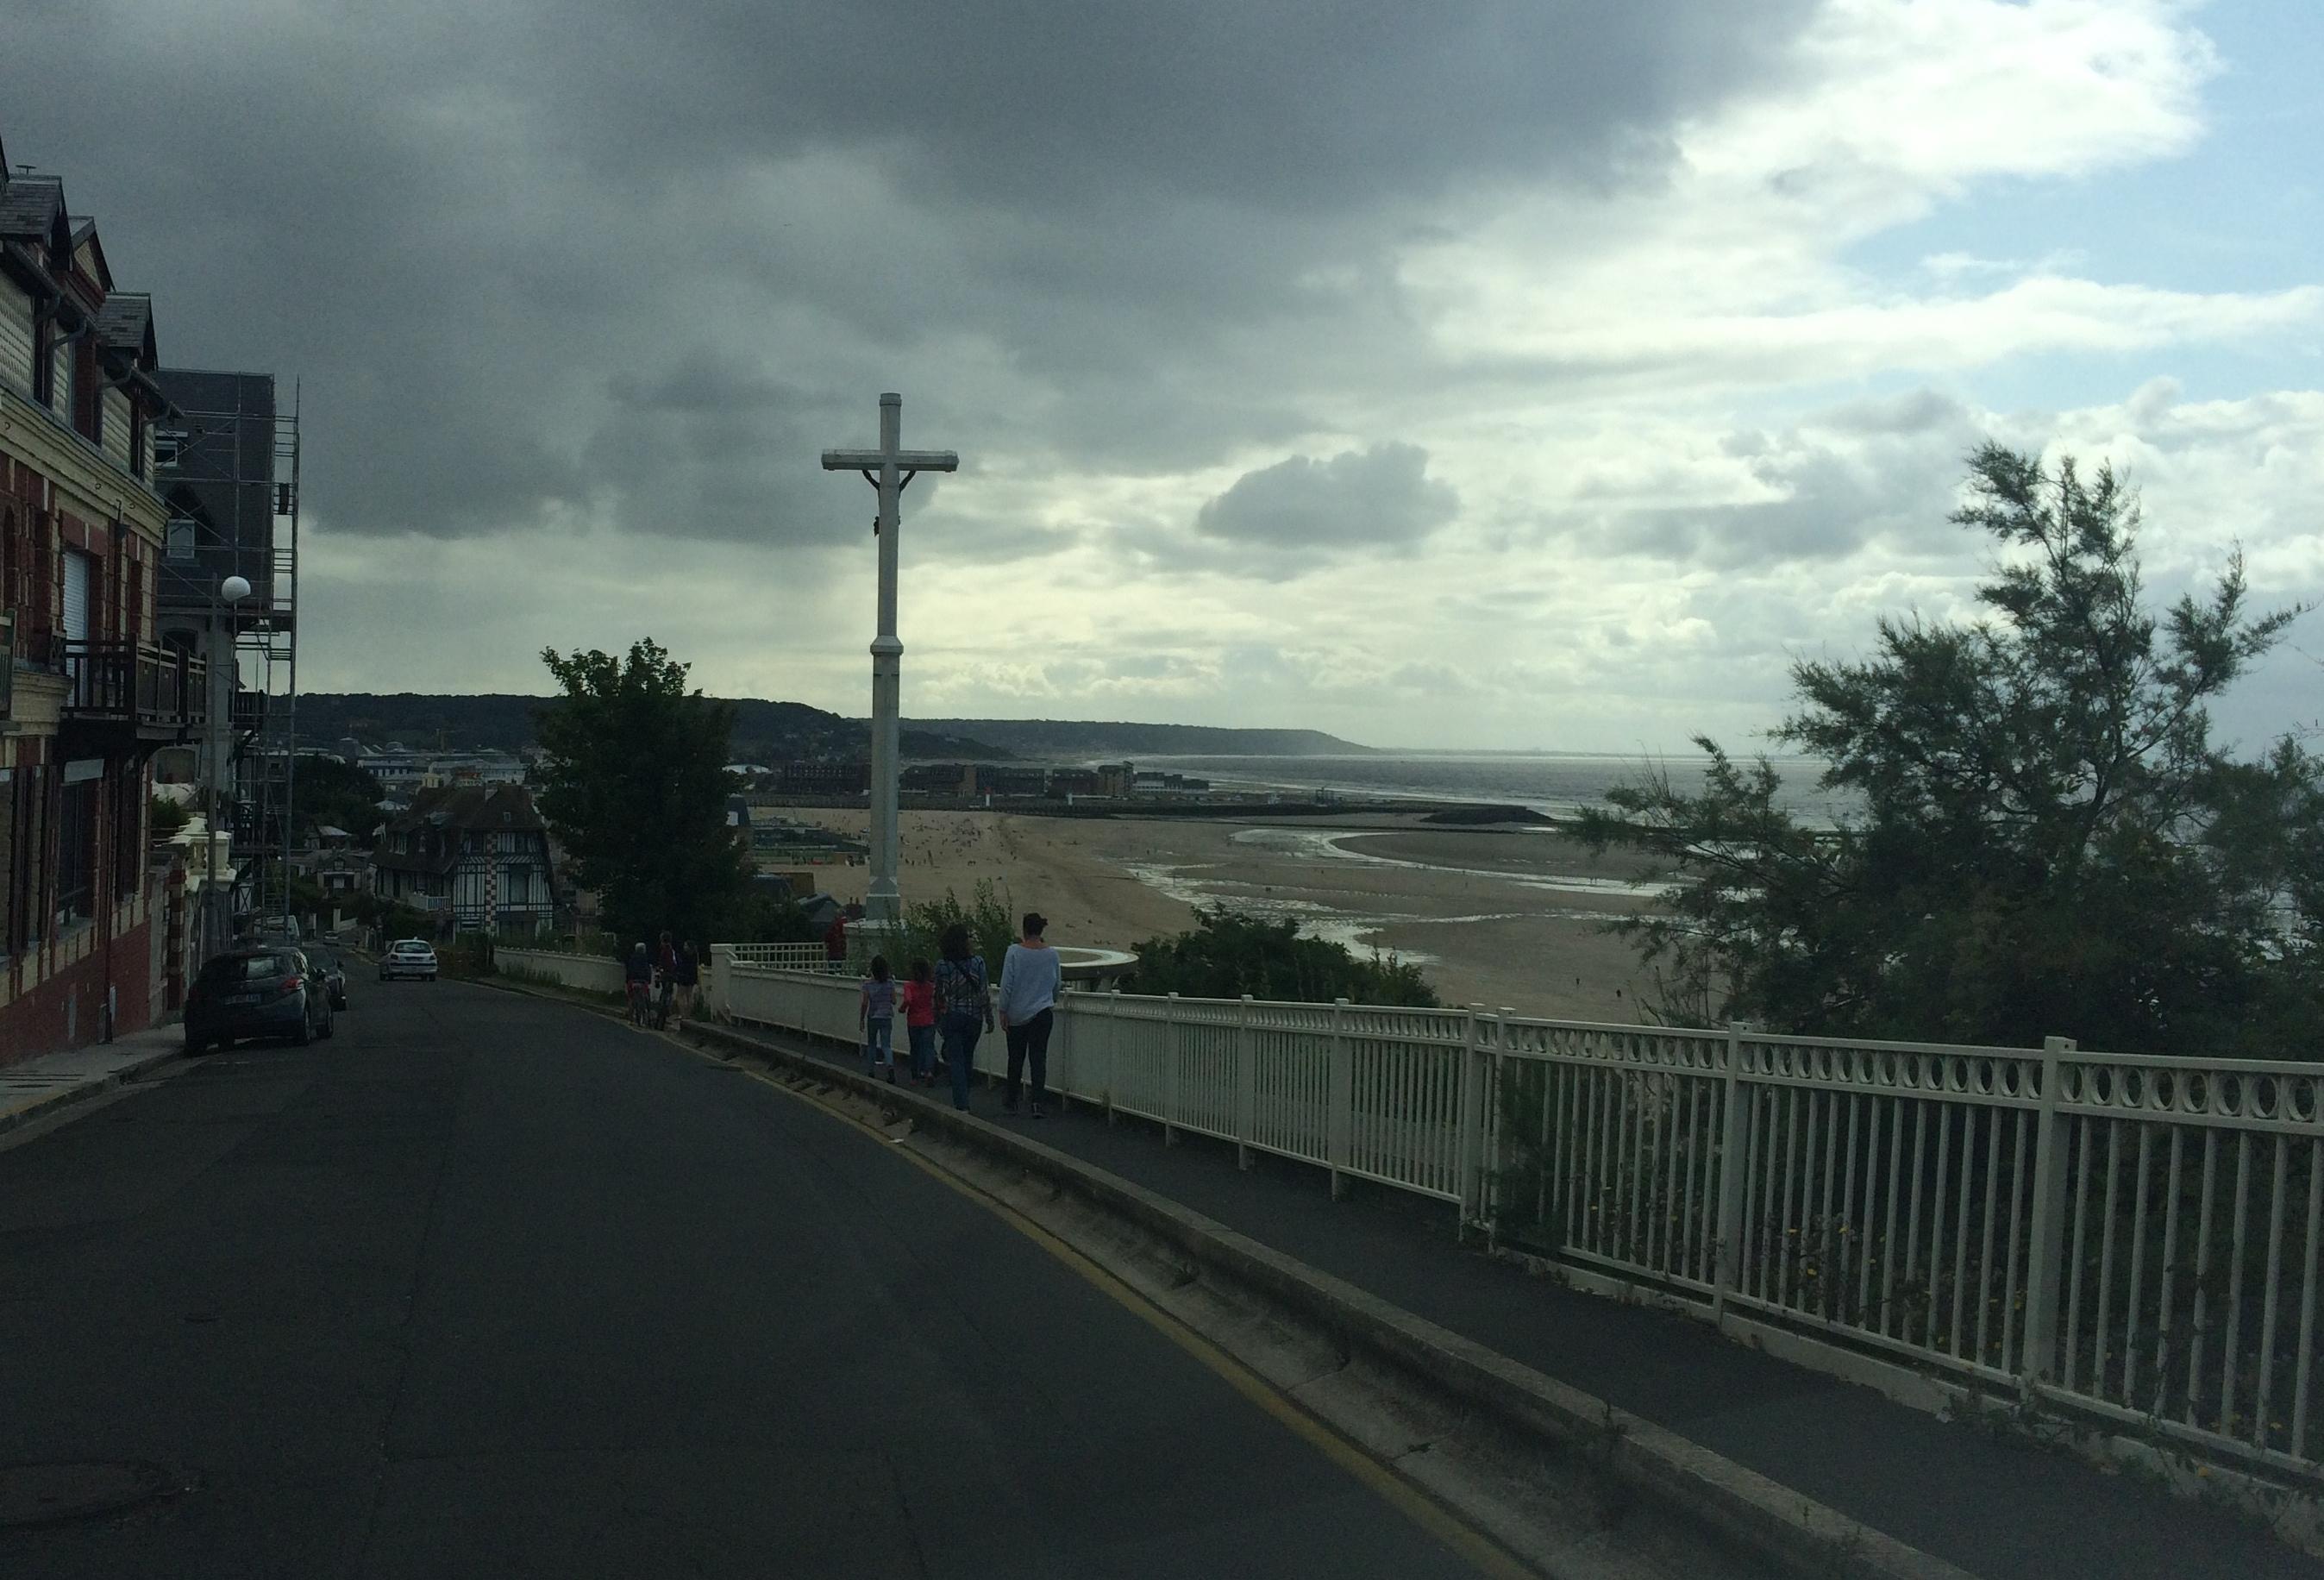 trouville-sur-mer-arriving-d513-beach-aug18